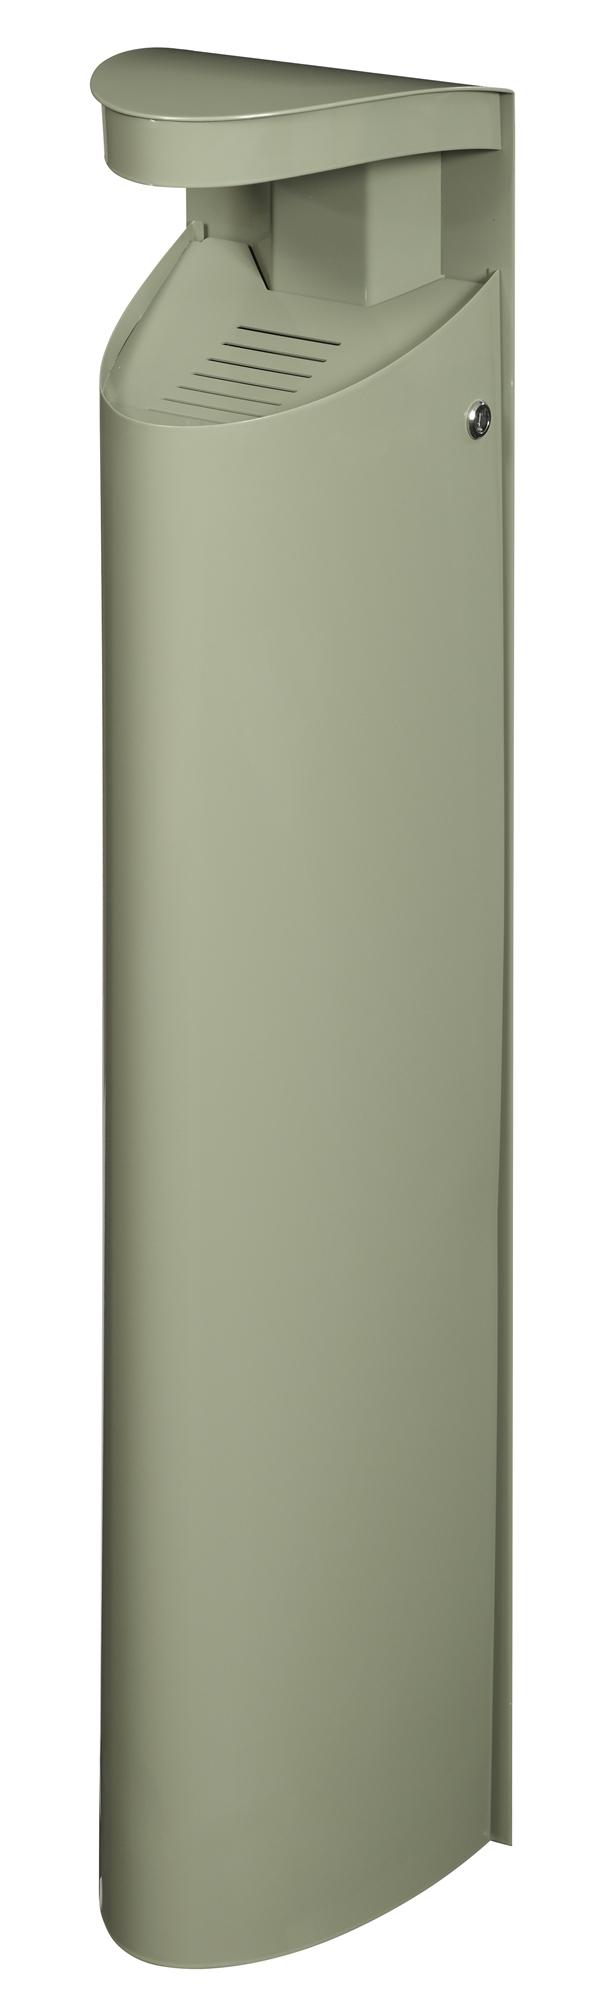 Cendrier exterieur mural rossignol 6l gris ciment for Cendrier mural rossignol